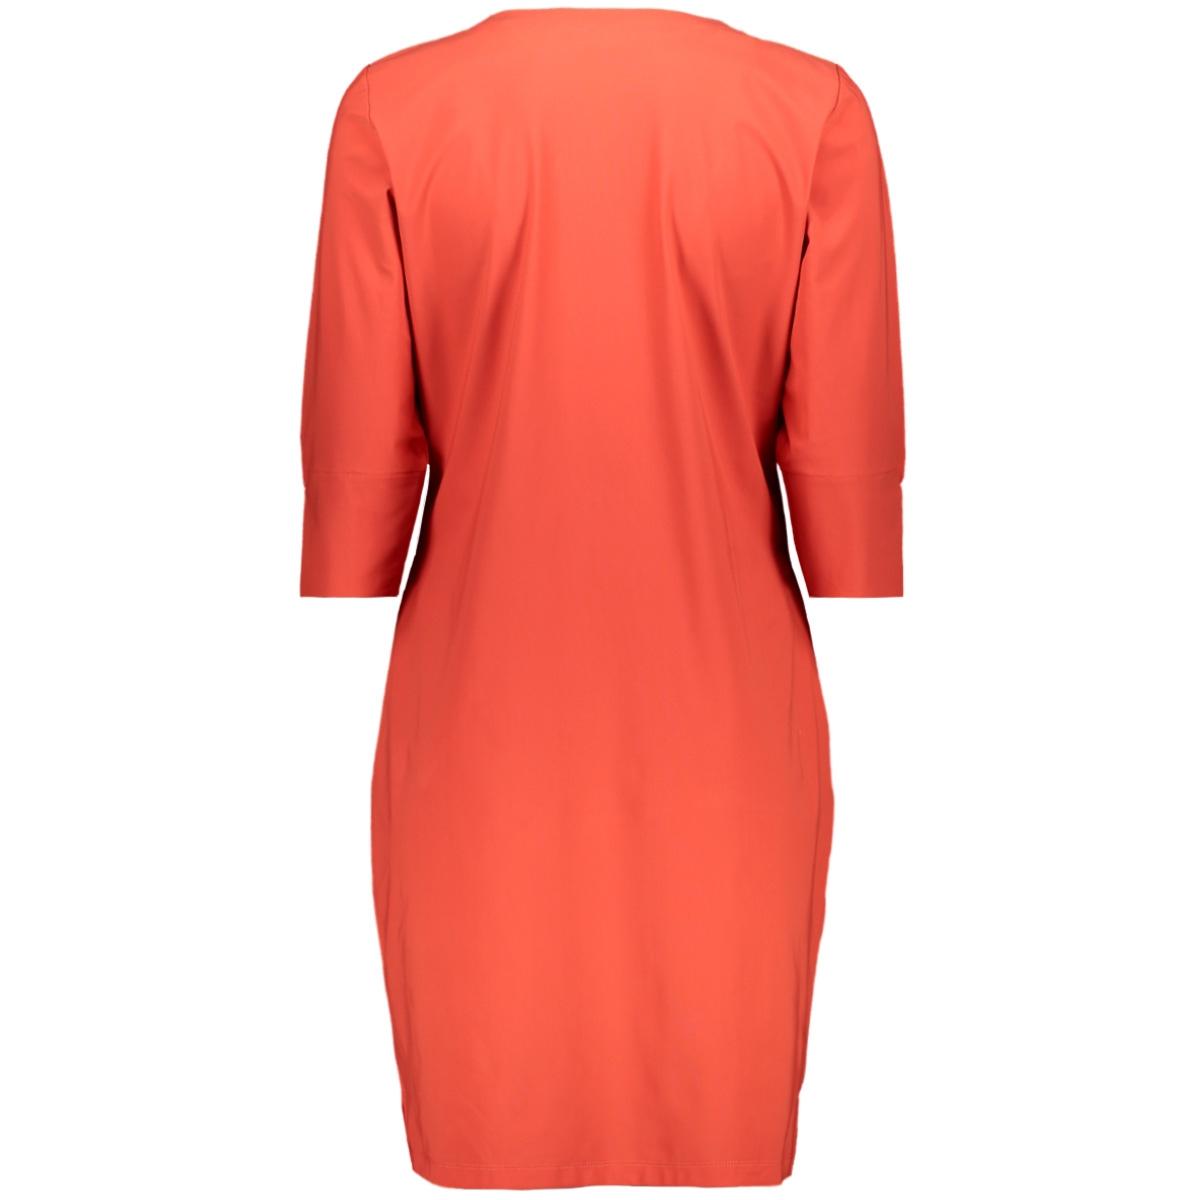 megan travel dress 201 zoso jurk 0072 desert red